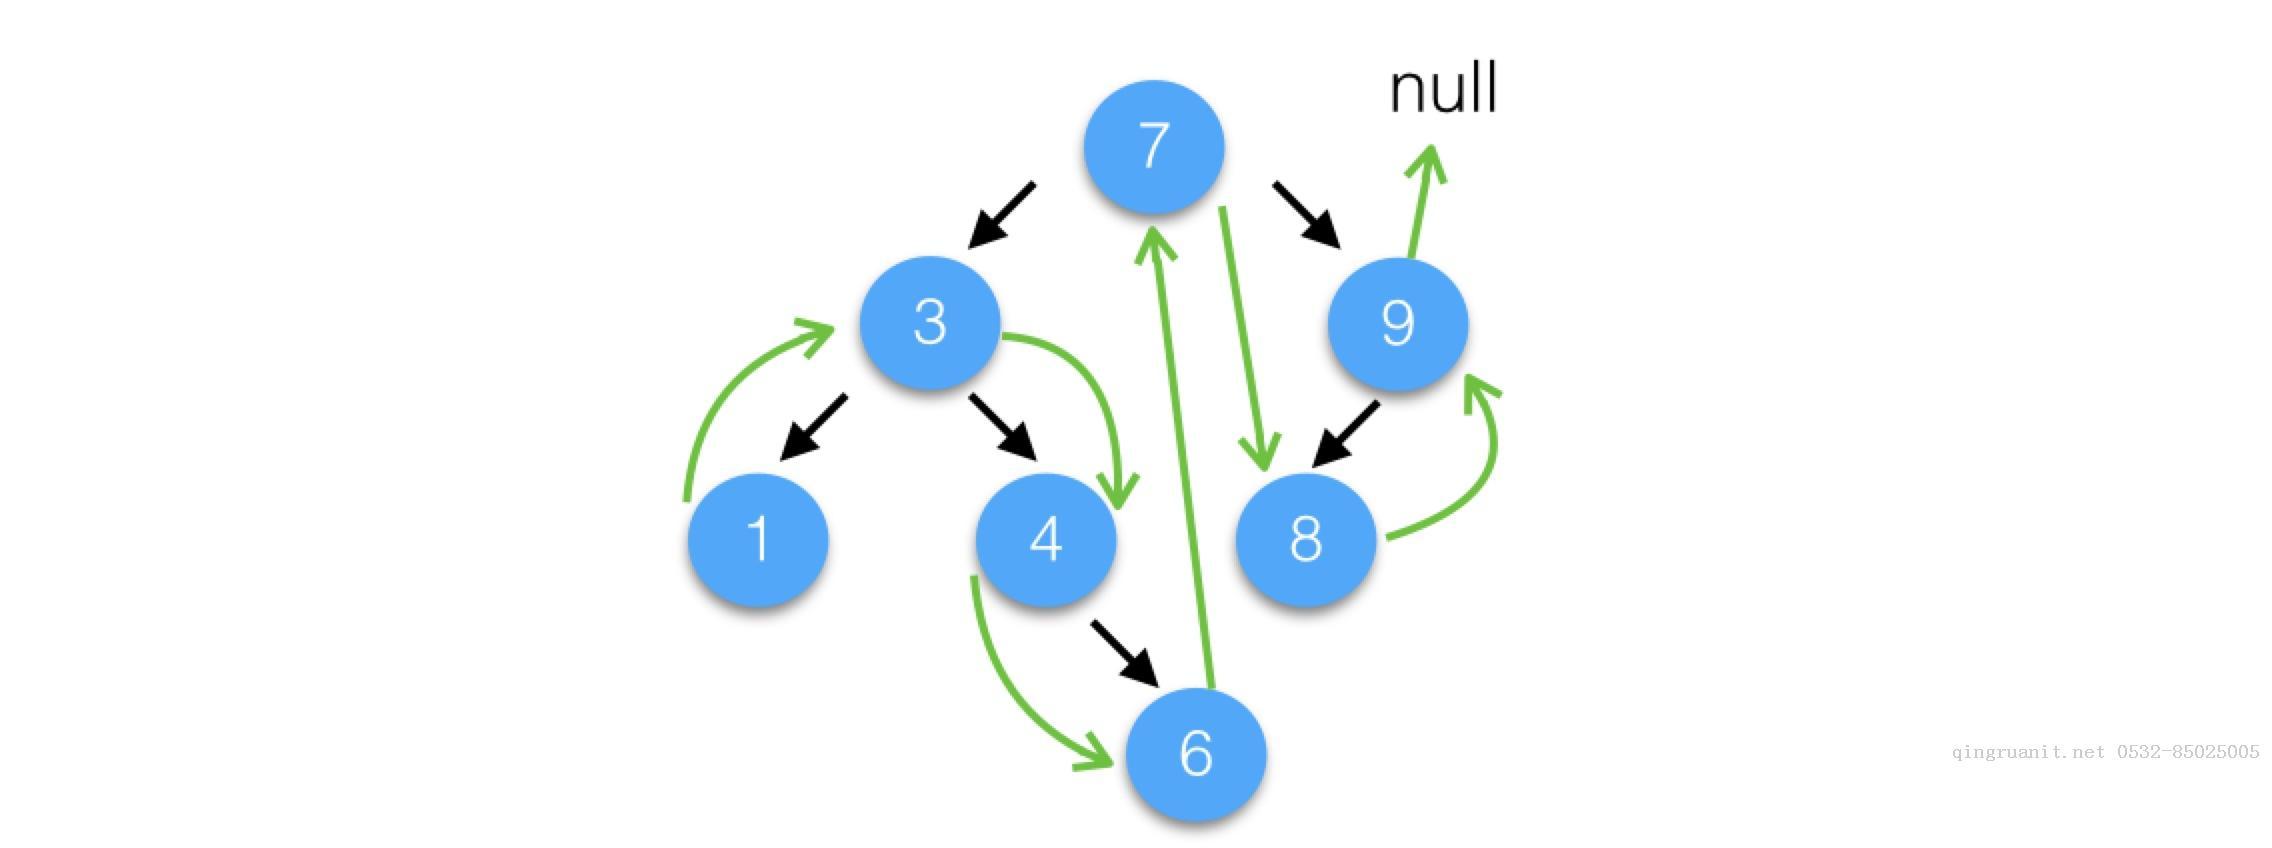 计算机程序的思维逻辑 (43) - 剖析treemap